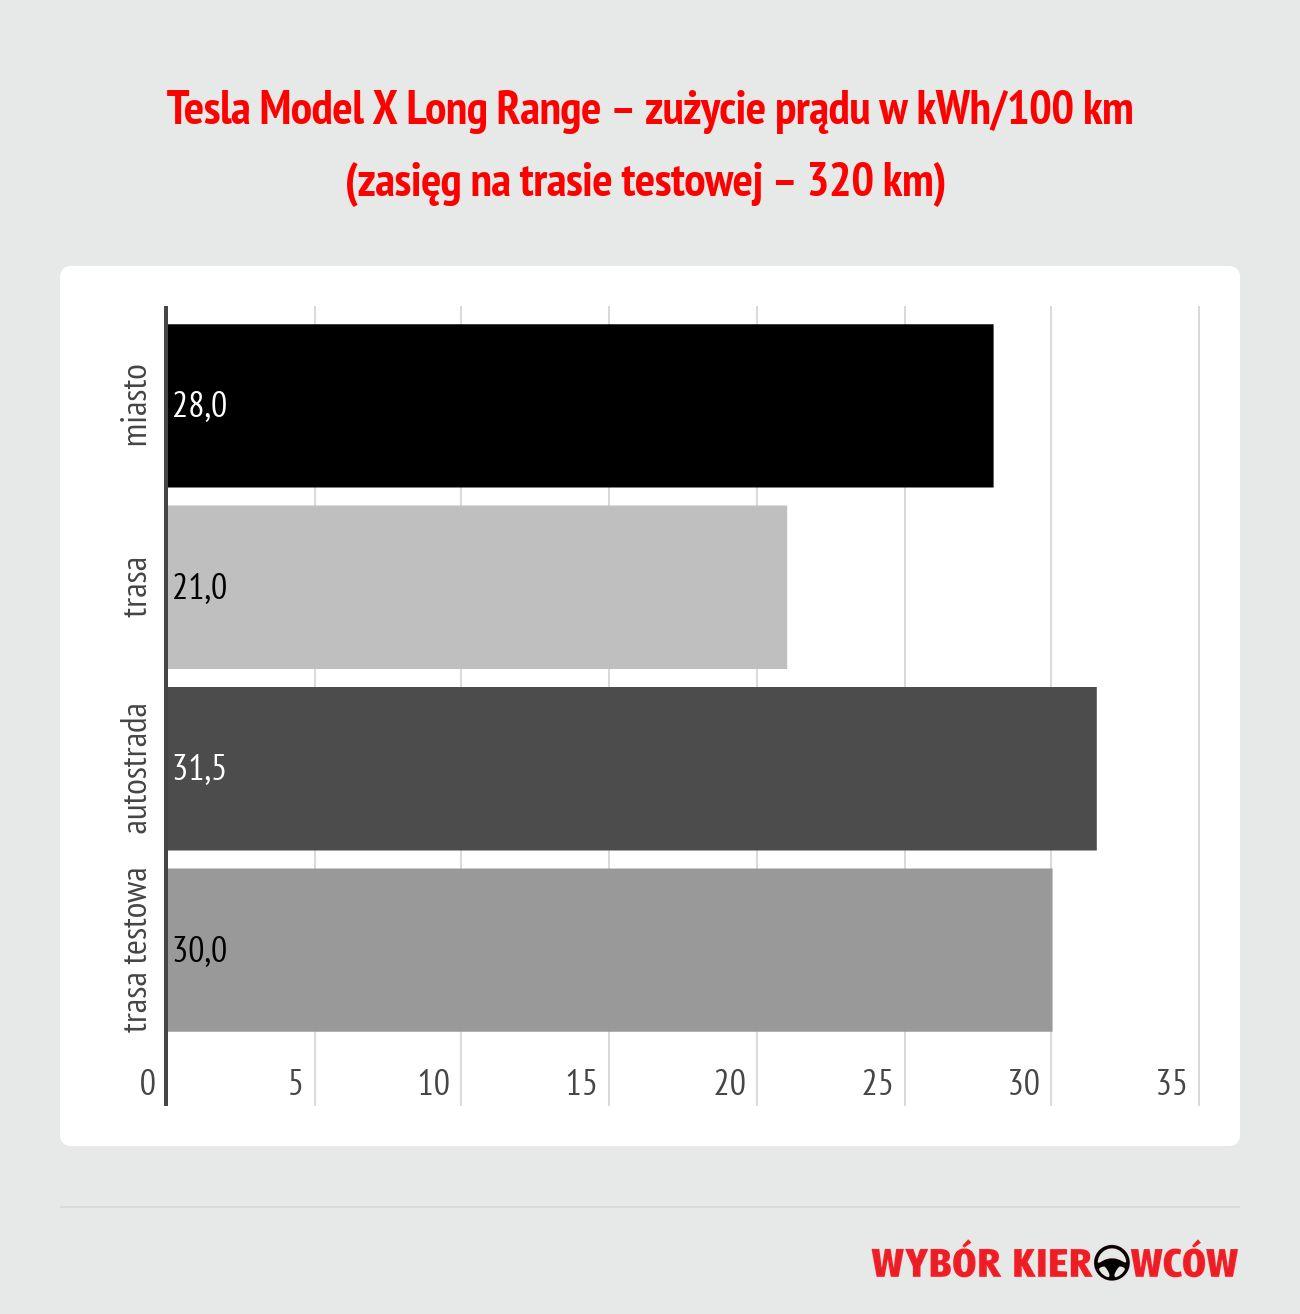 tesla-model-x-long-range-zuzycie-energii